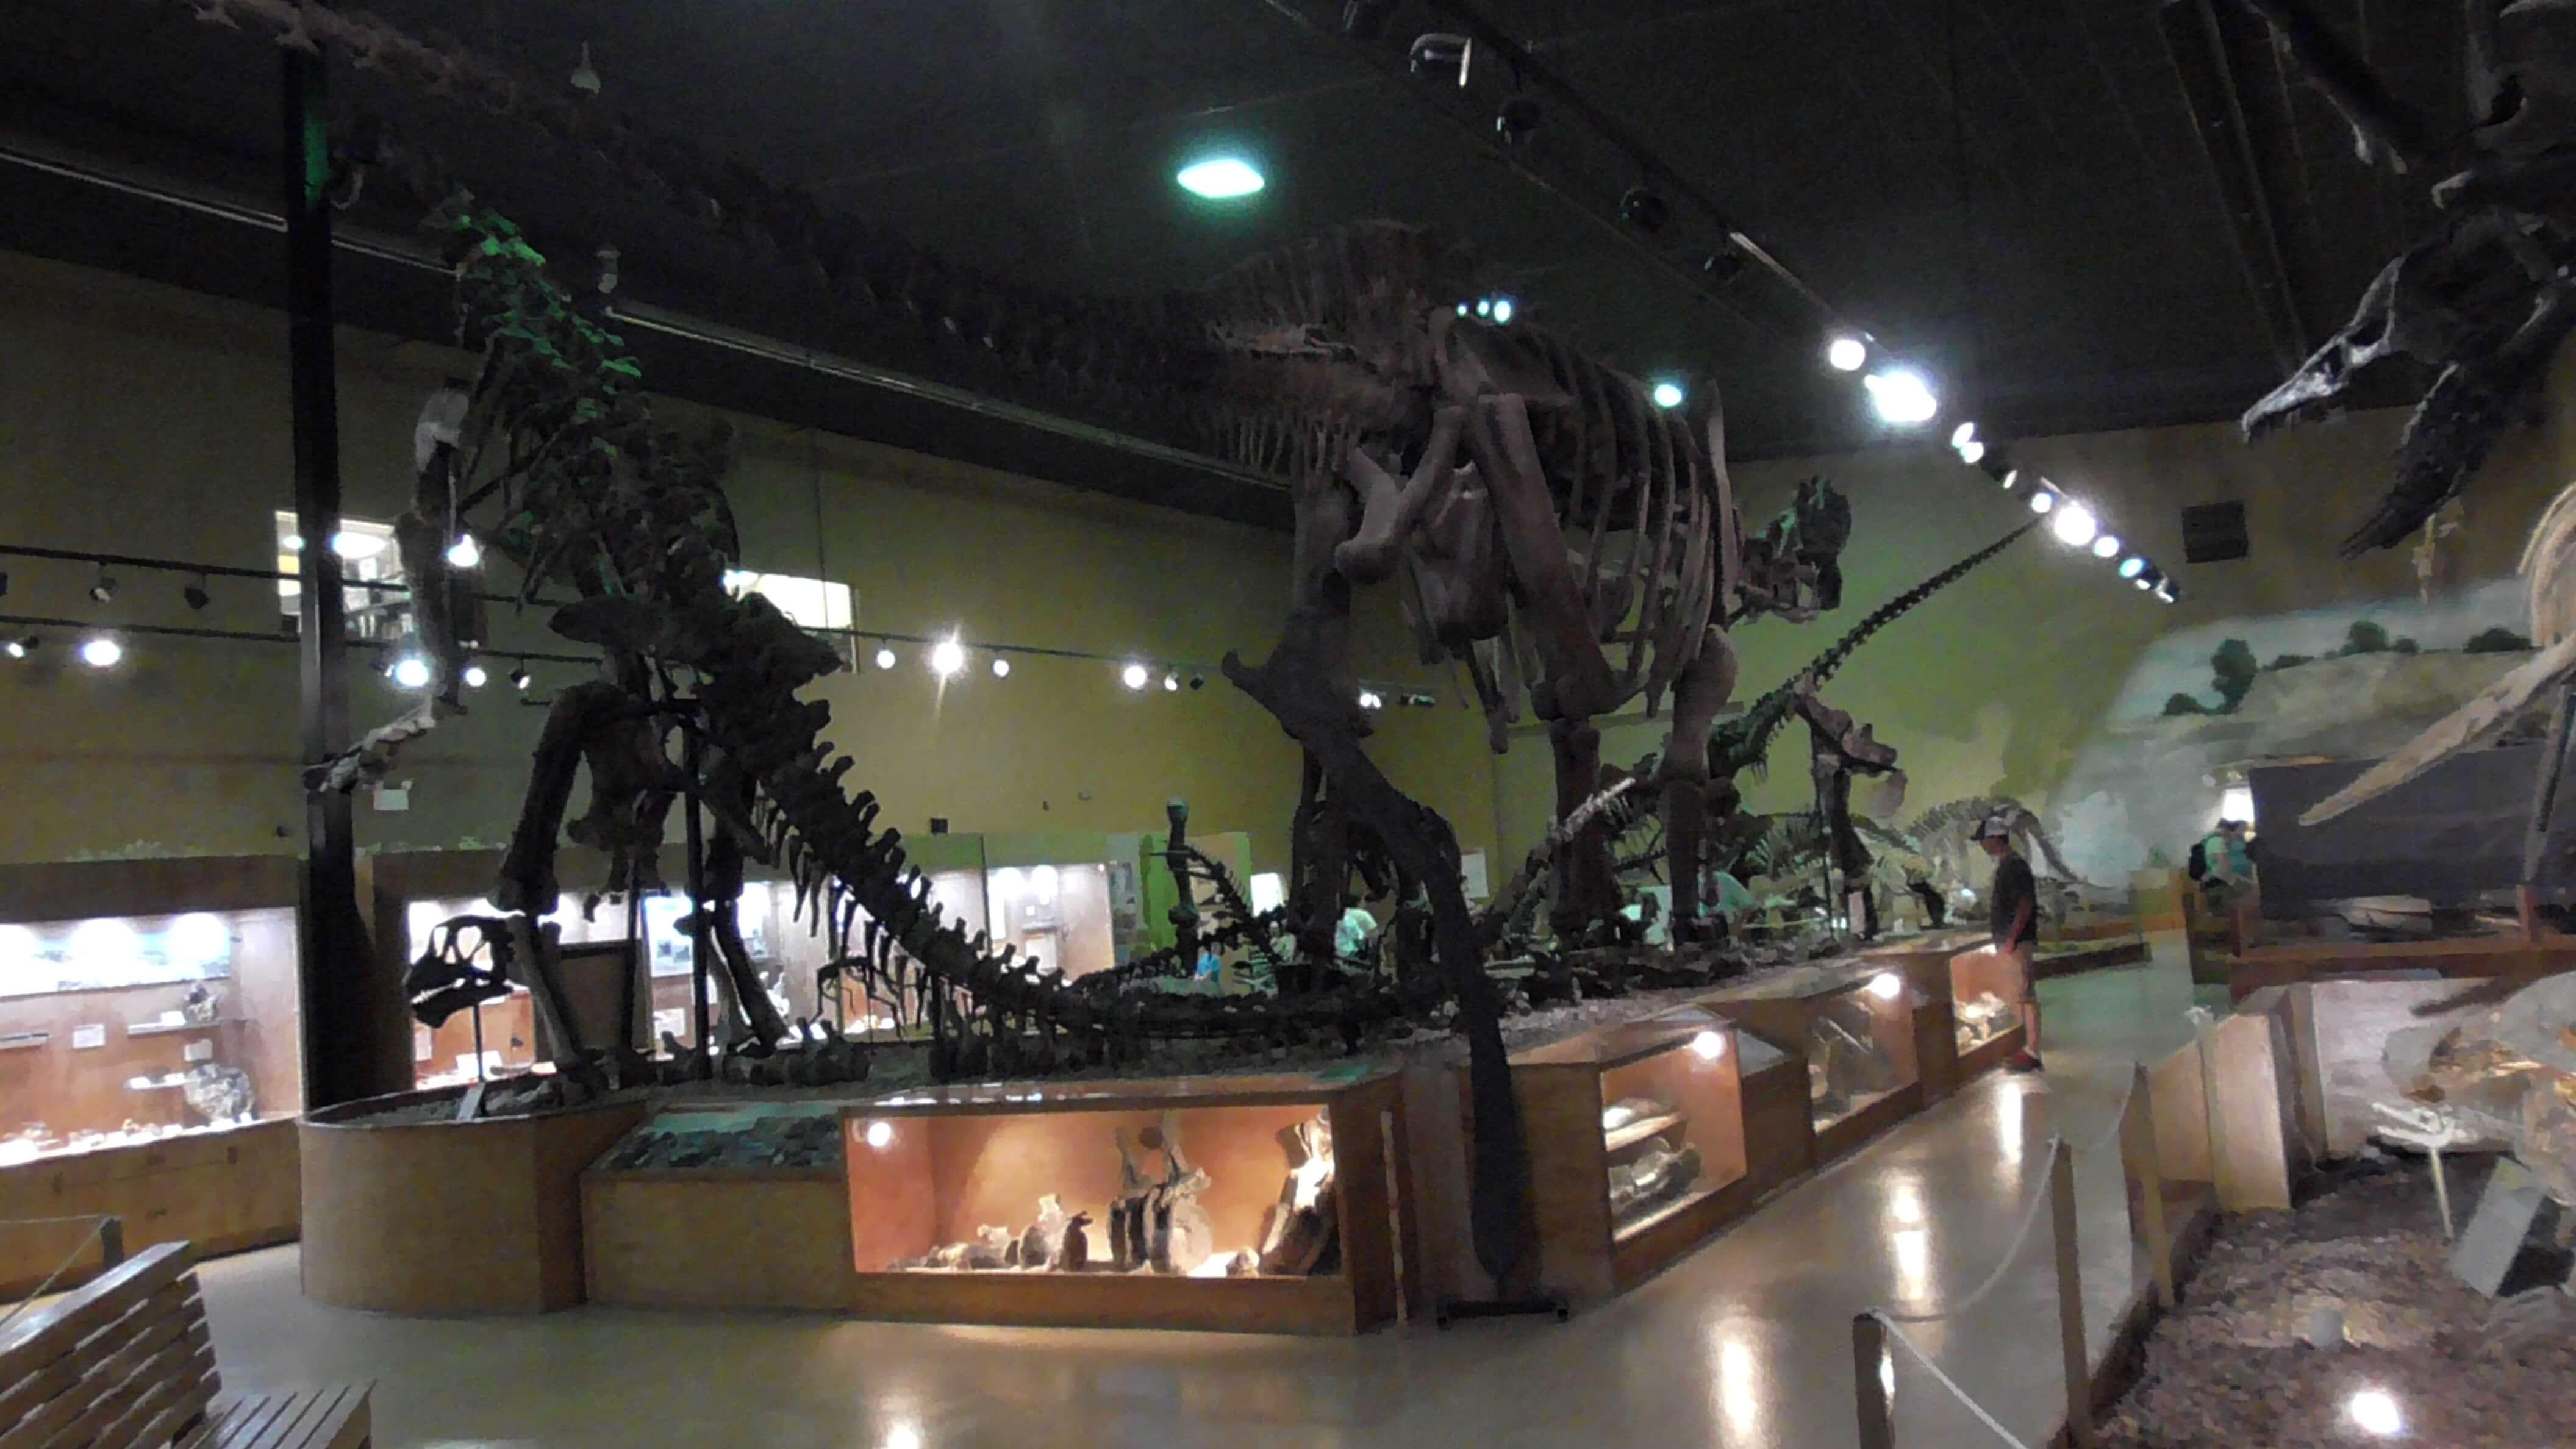 Supersaurus - 106 feet long